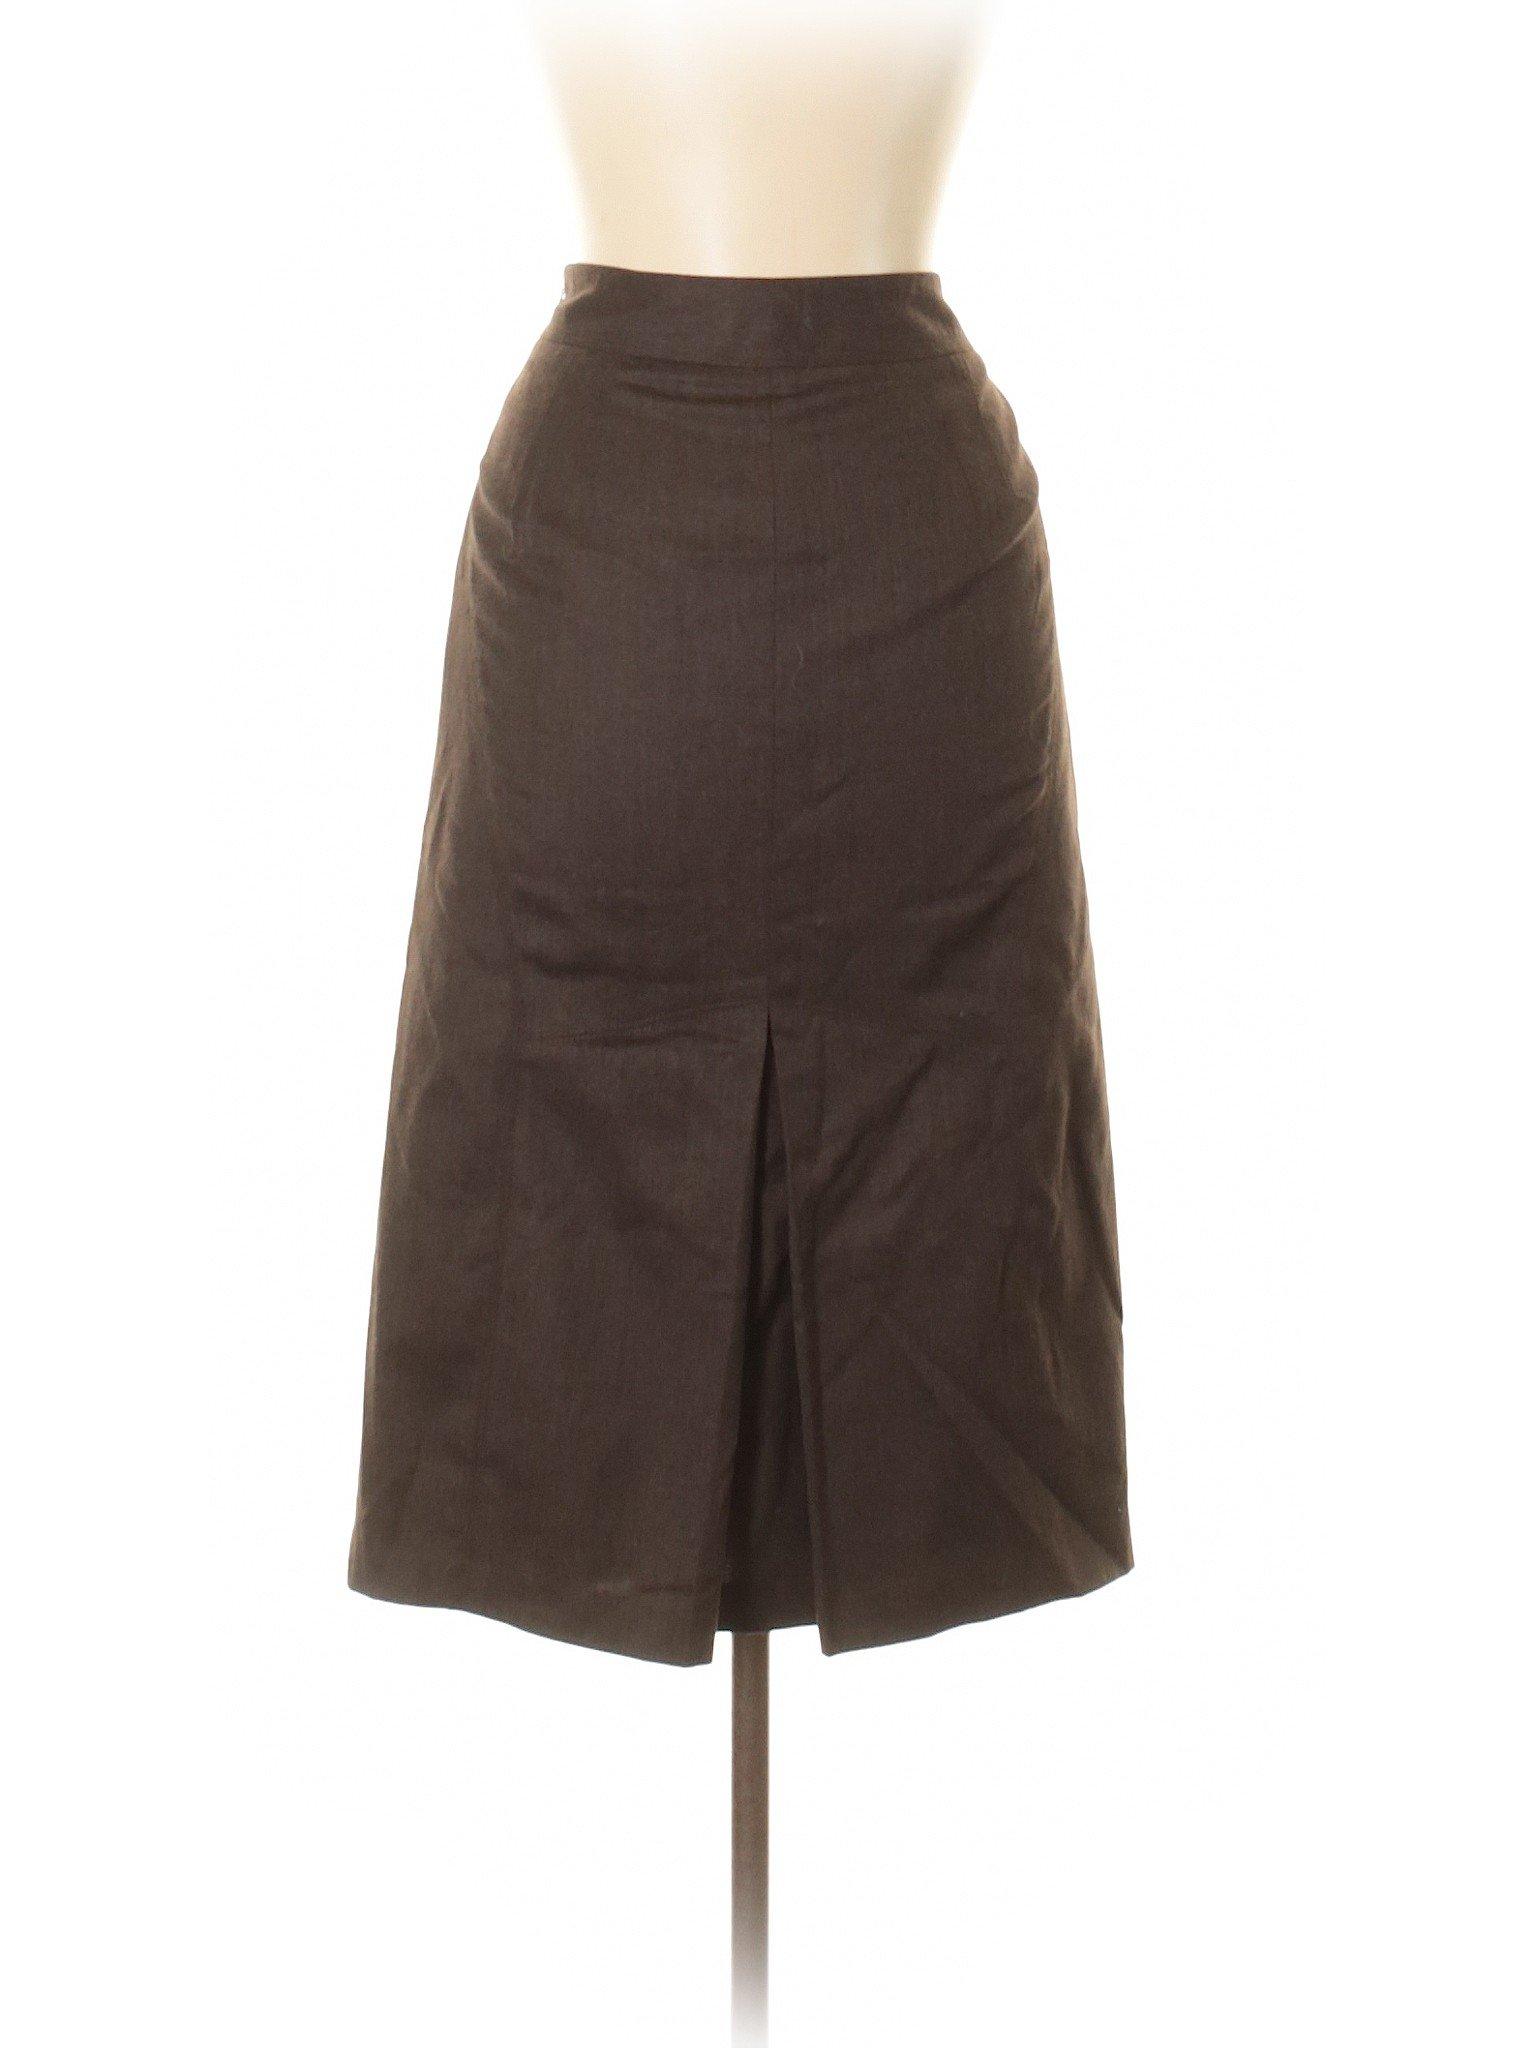 Skirt Skirt Wool Skirt Wool Boutique Boutique Boutique Wool twv8xSwq